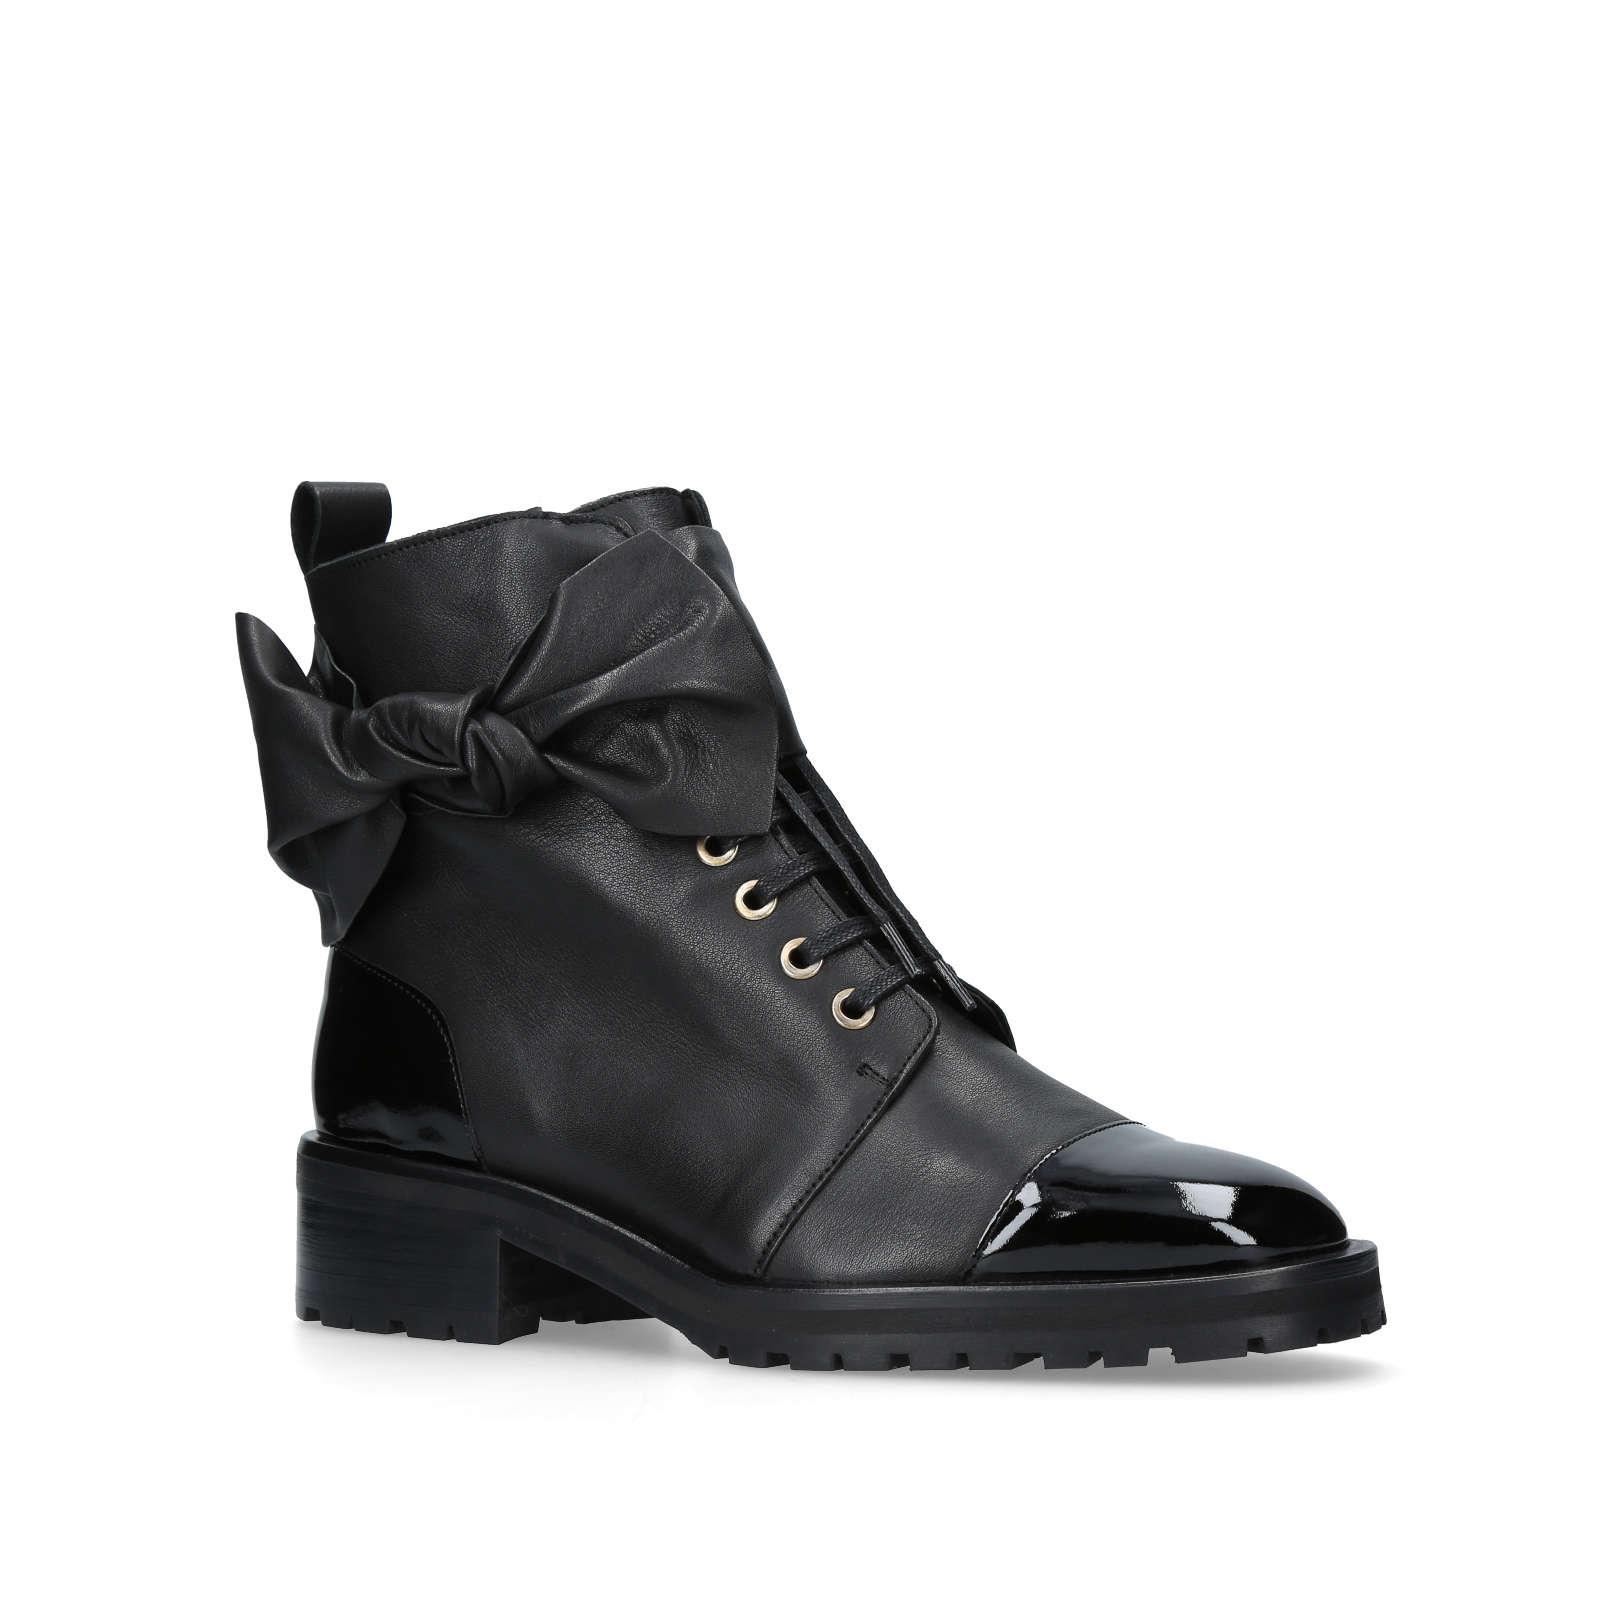 91ae0d031b3 DAZE Daze Low Heel 0-21Mm Ankle Boots Kurt Geiger London Black by KURT  GEIGER LONDON